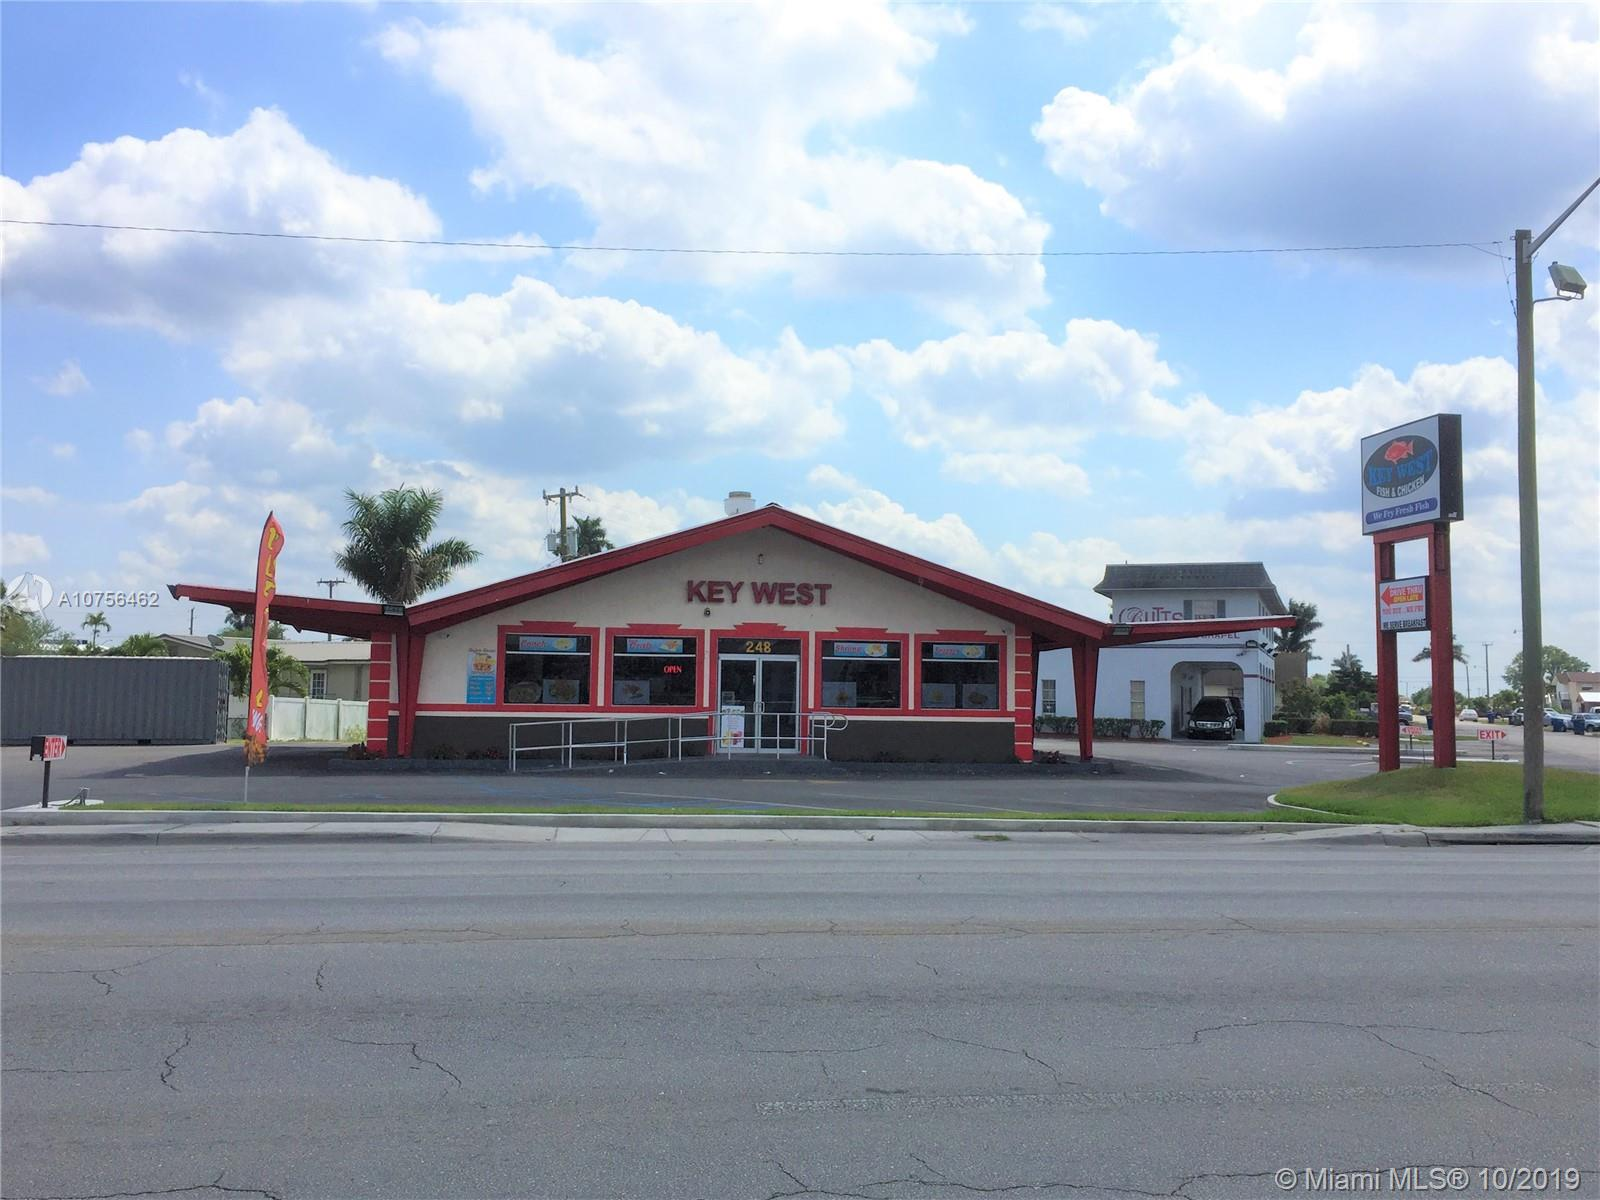 248 W Dr Martin Luther King Jr Blvd W, Belle Glade, FL 33430 - Belle Glade, FL real estate listing